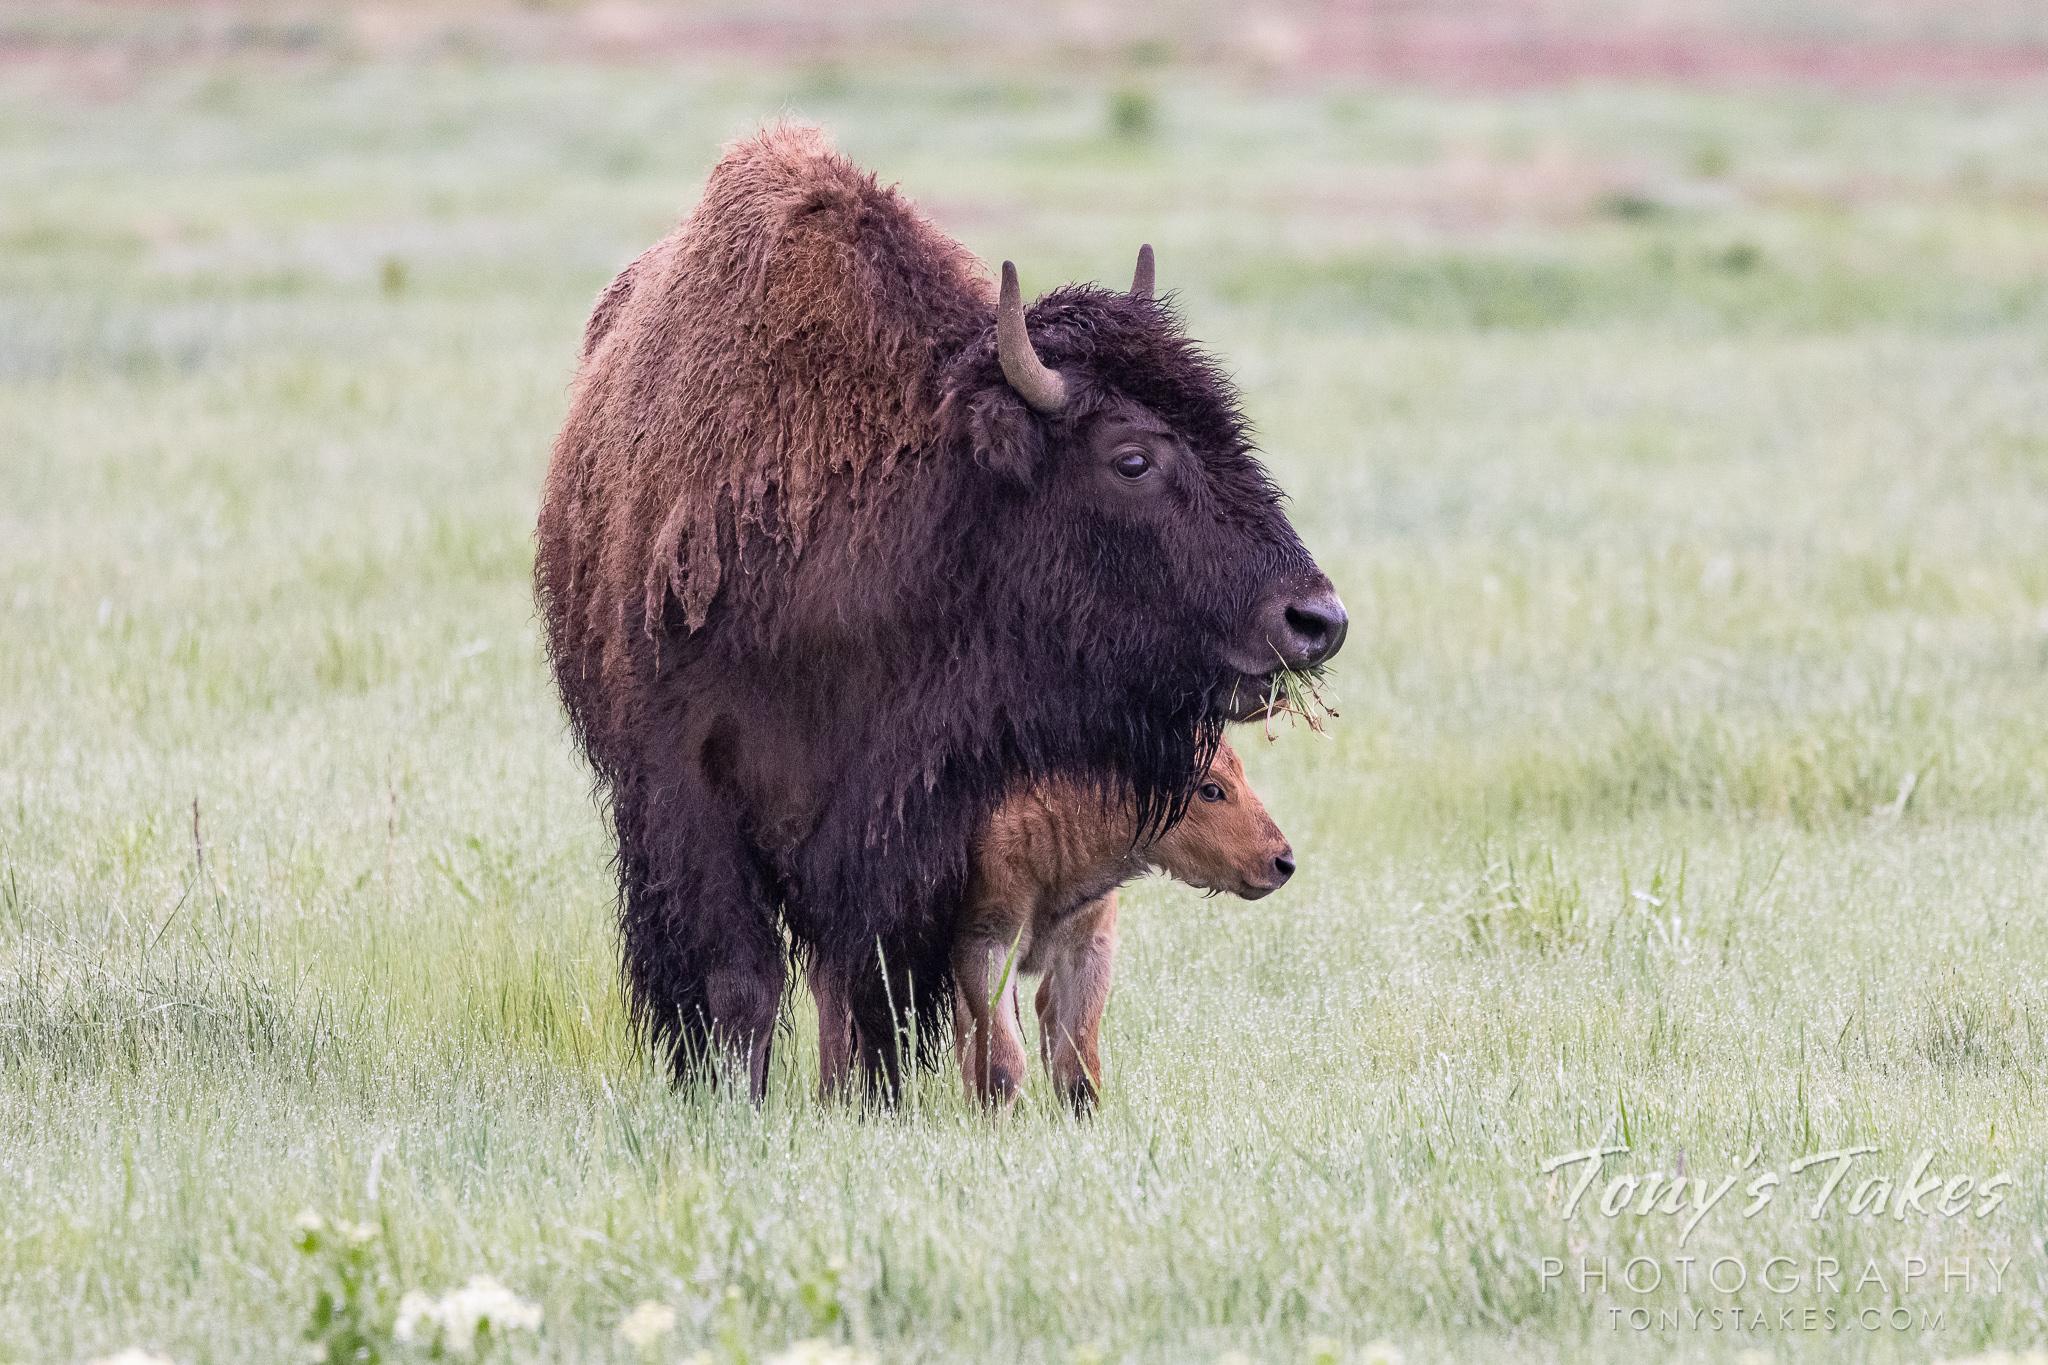 Newborn bison hides behind its mama